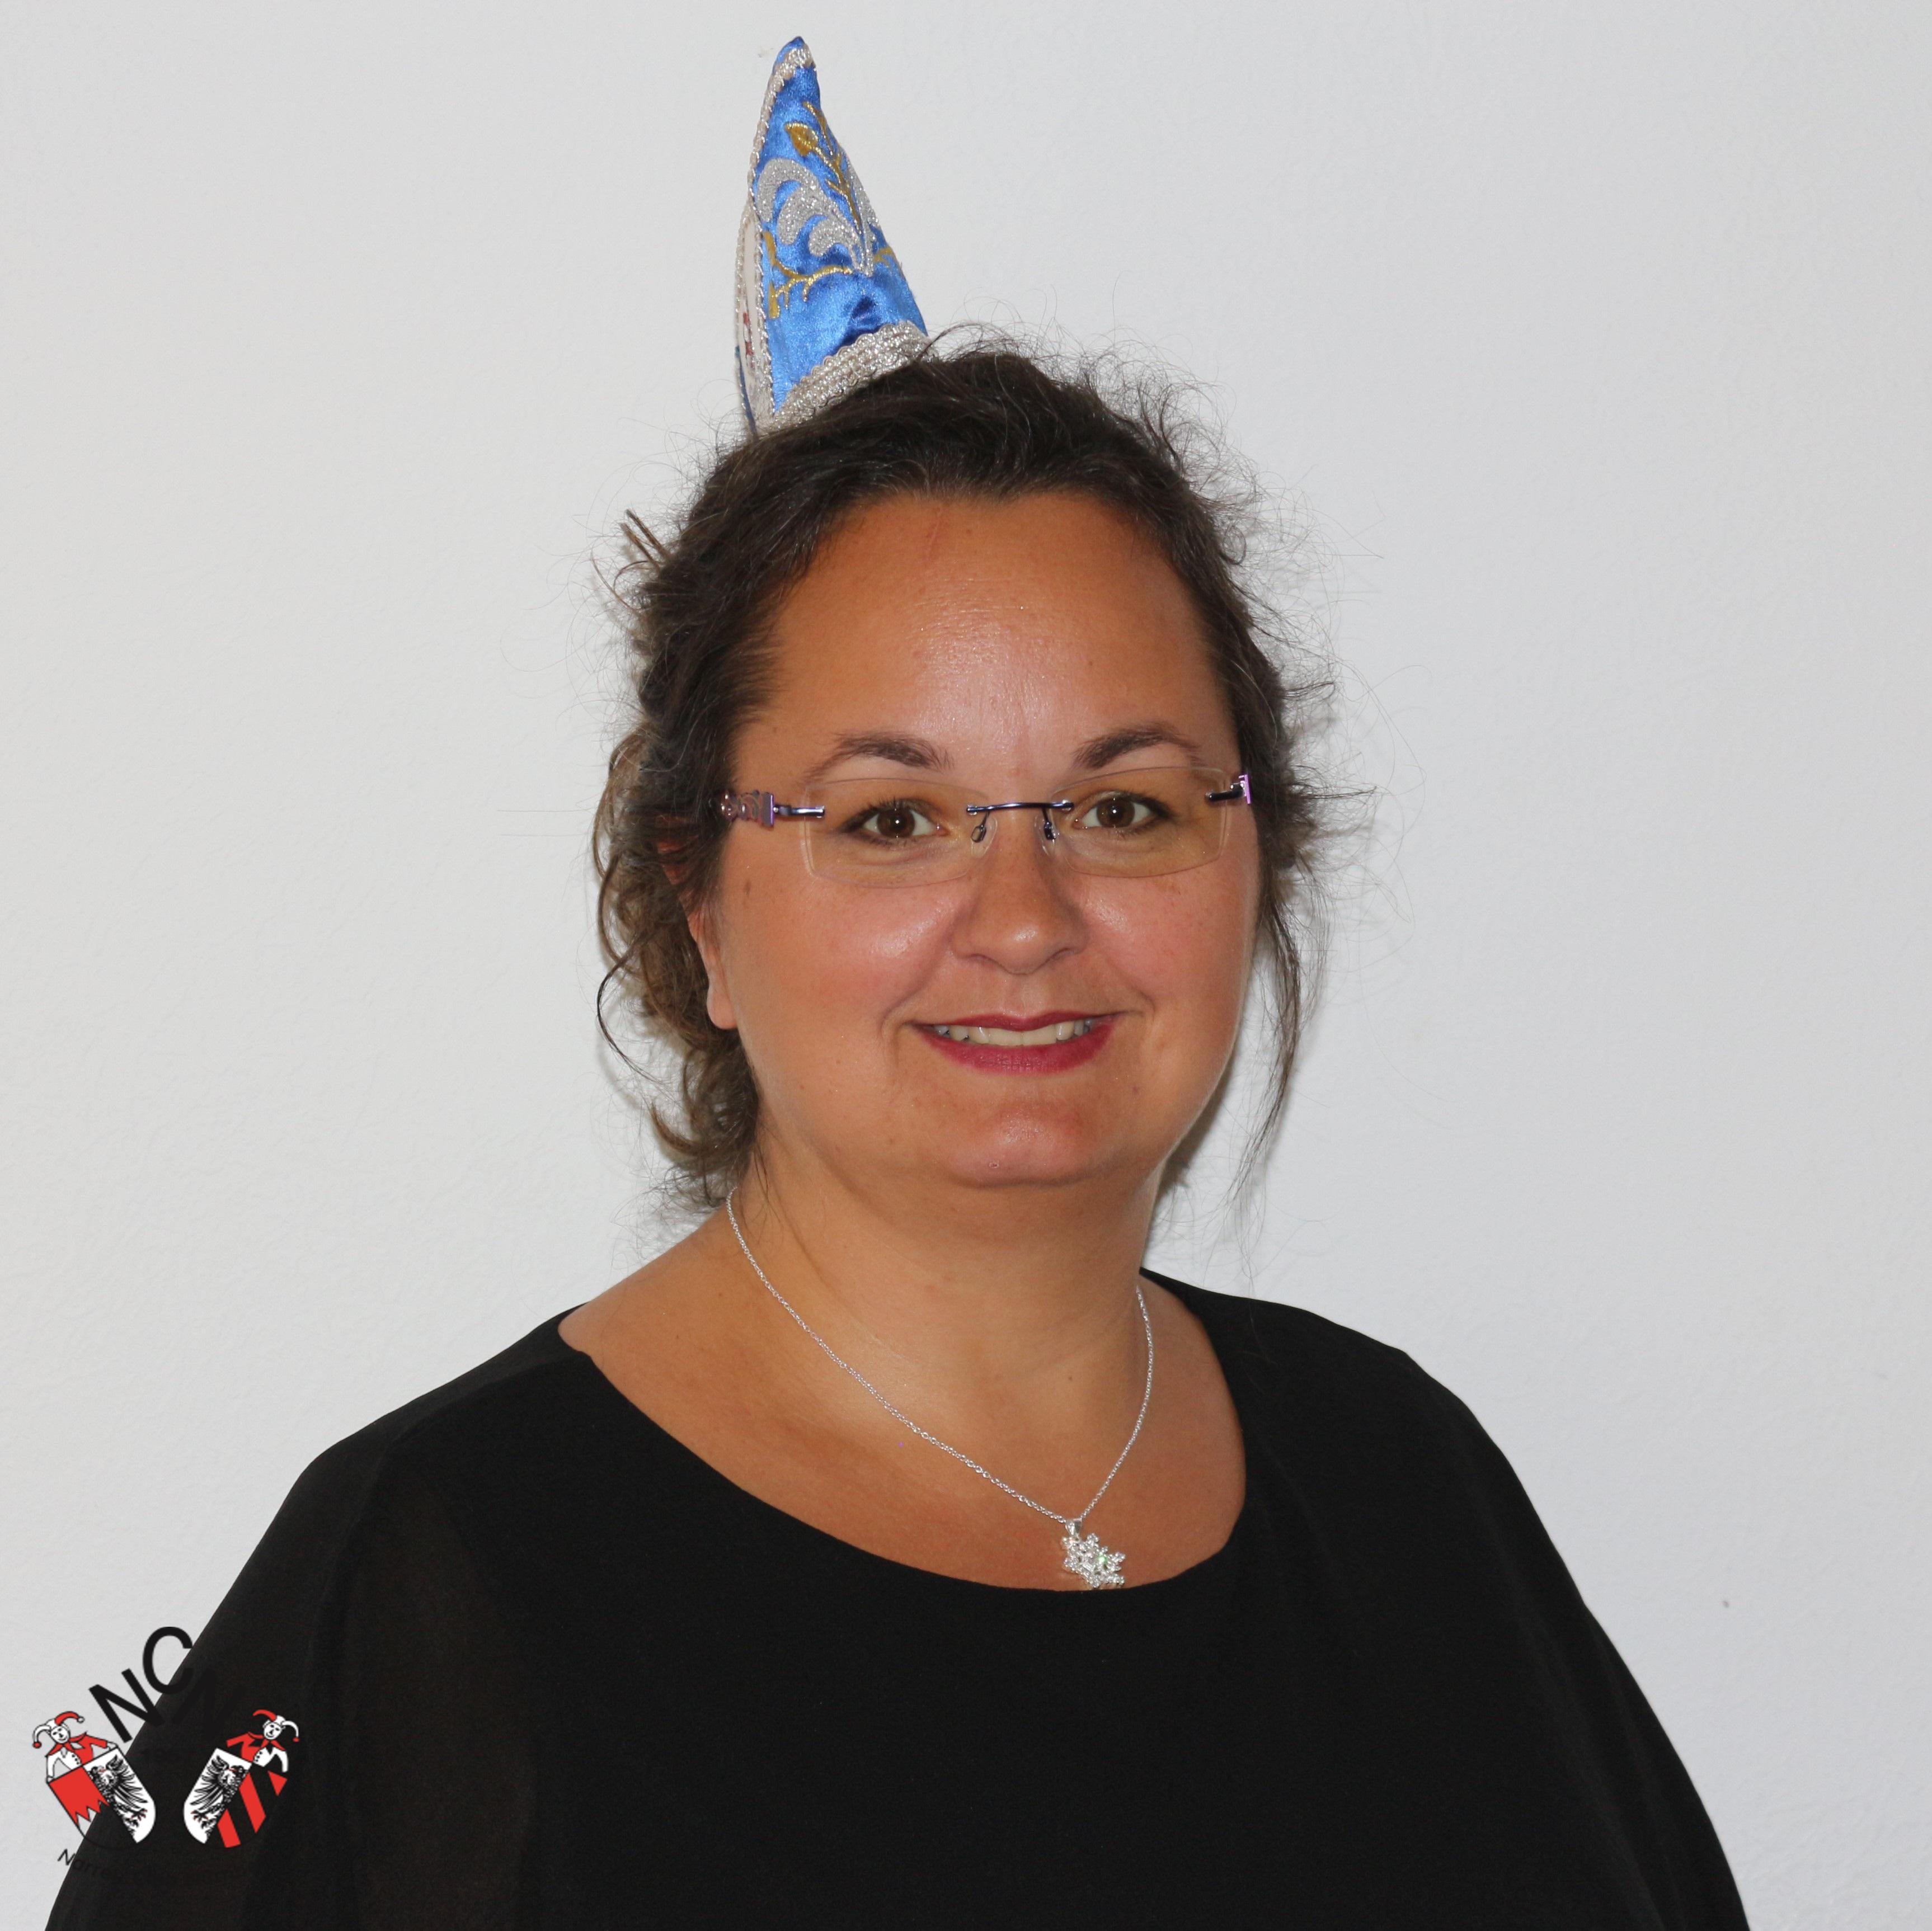 Sandra Giehl